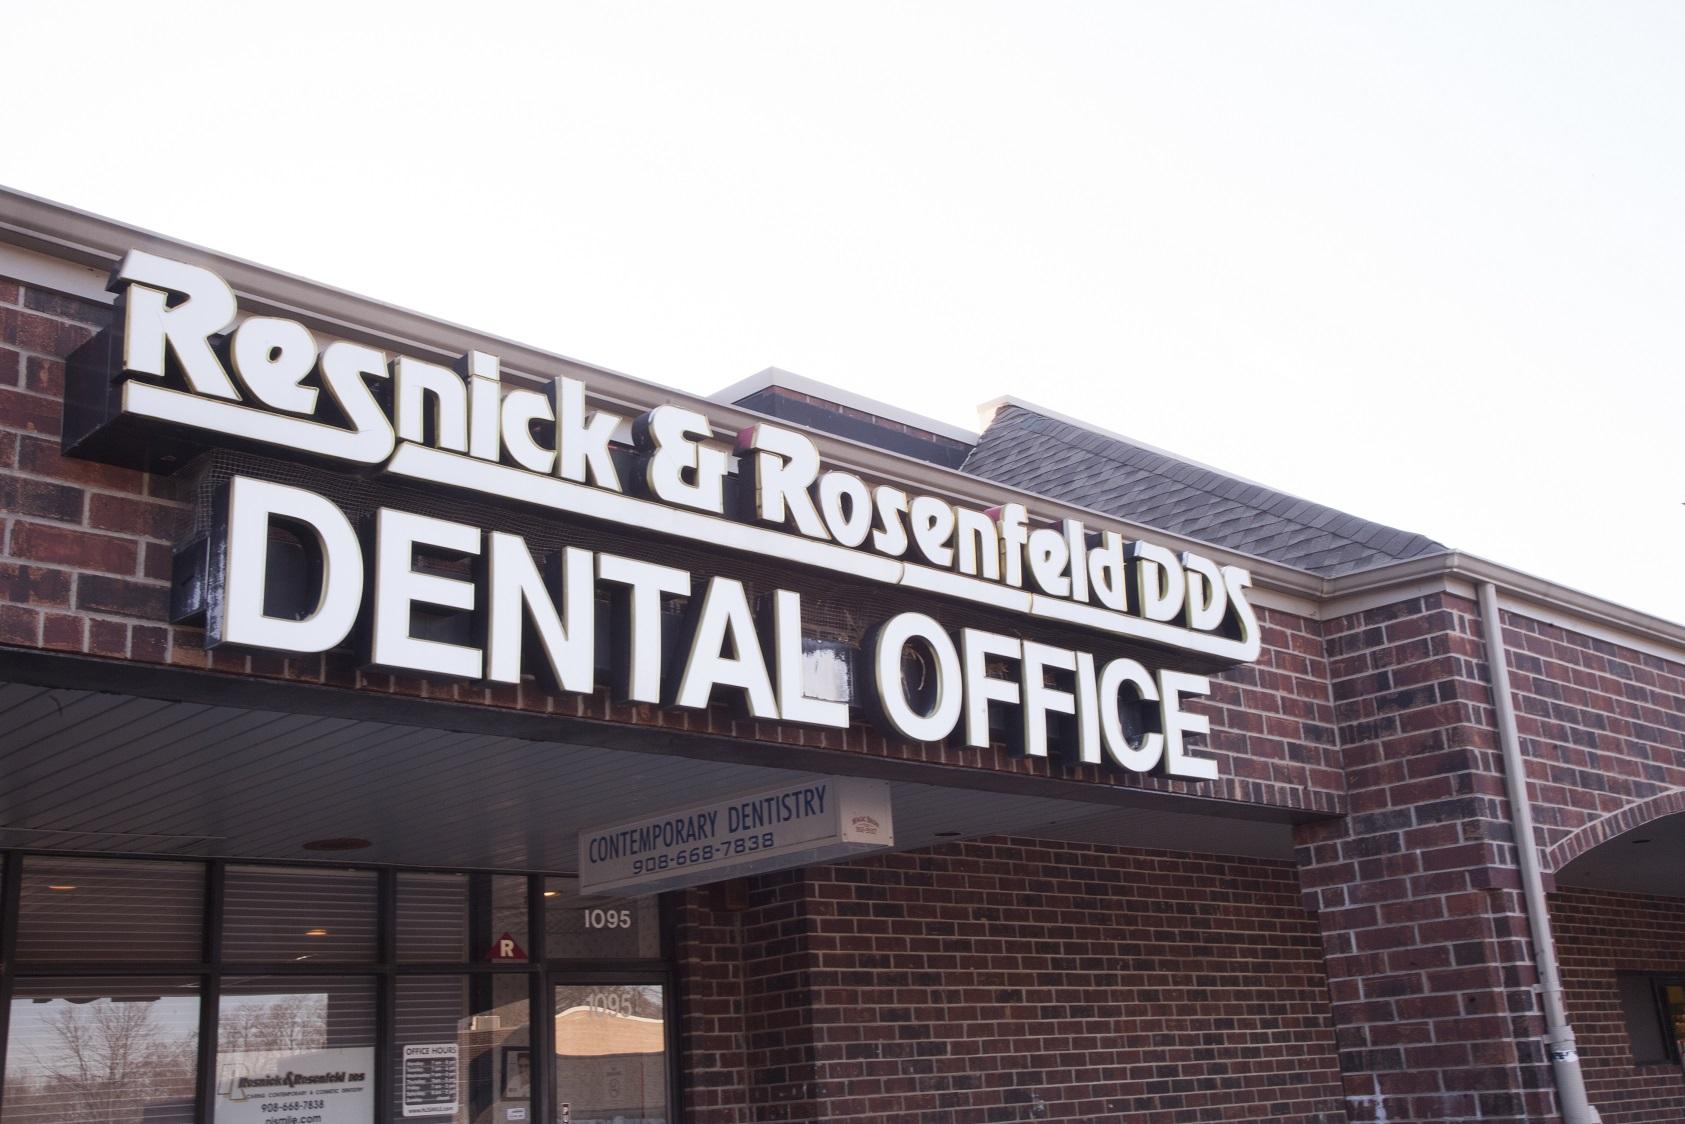 Resnick & Rosenfeld DDS